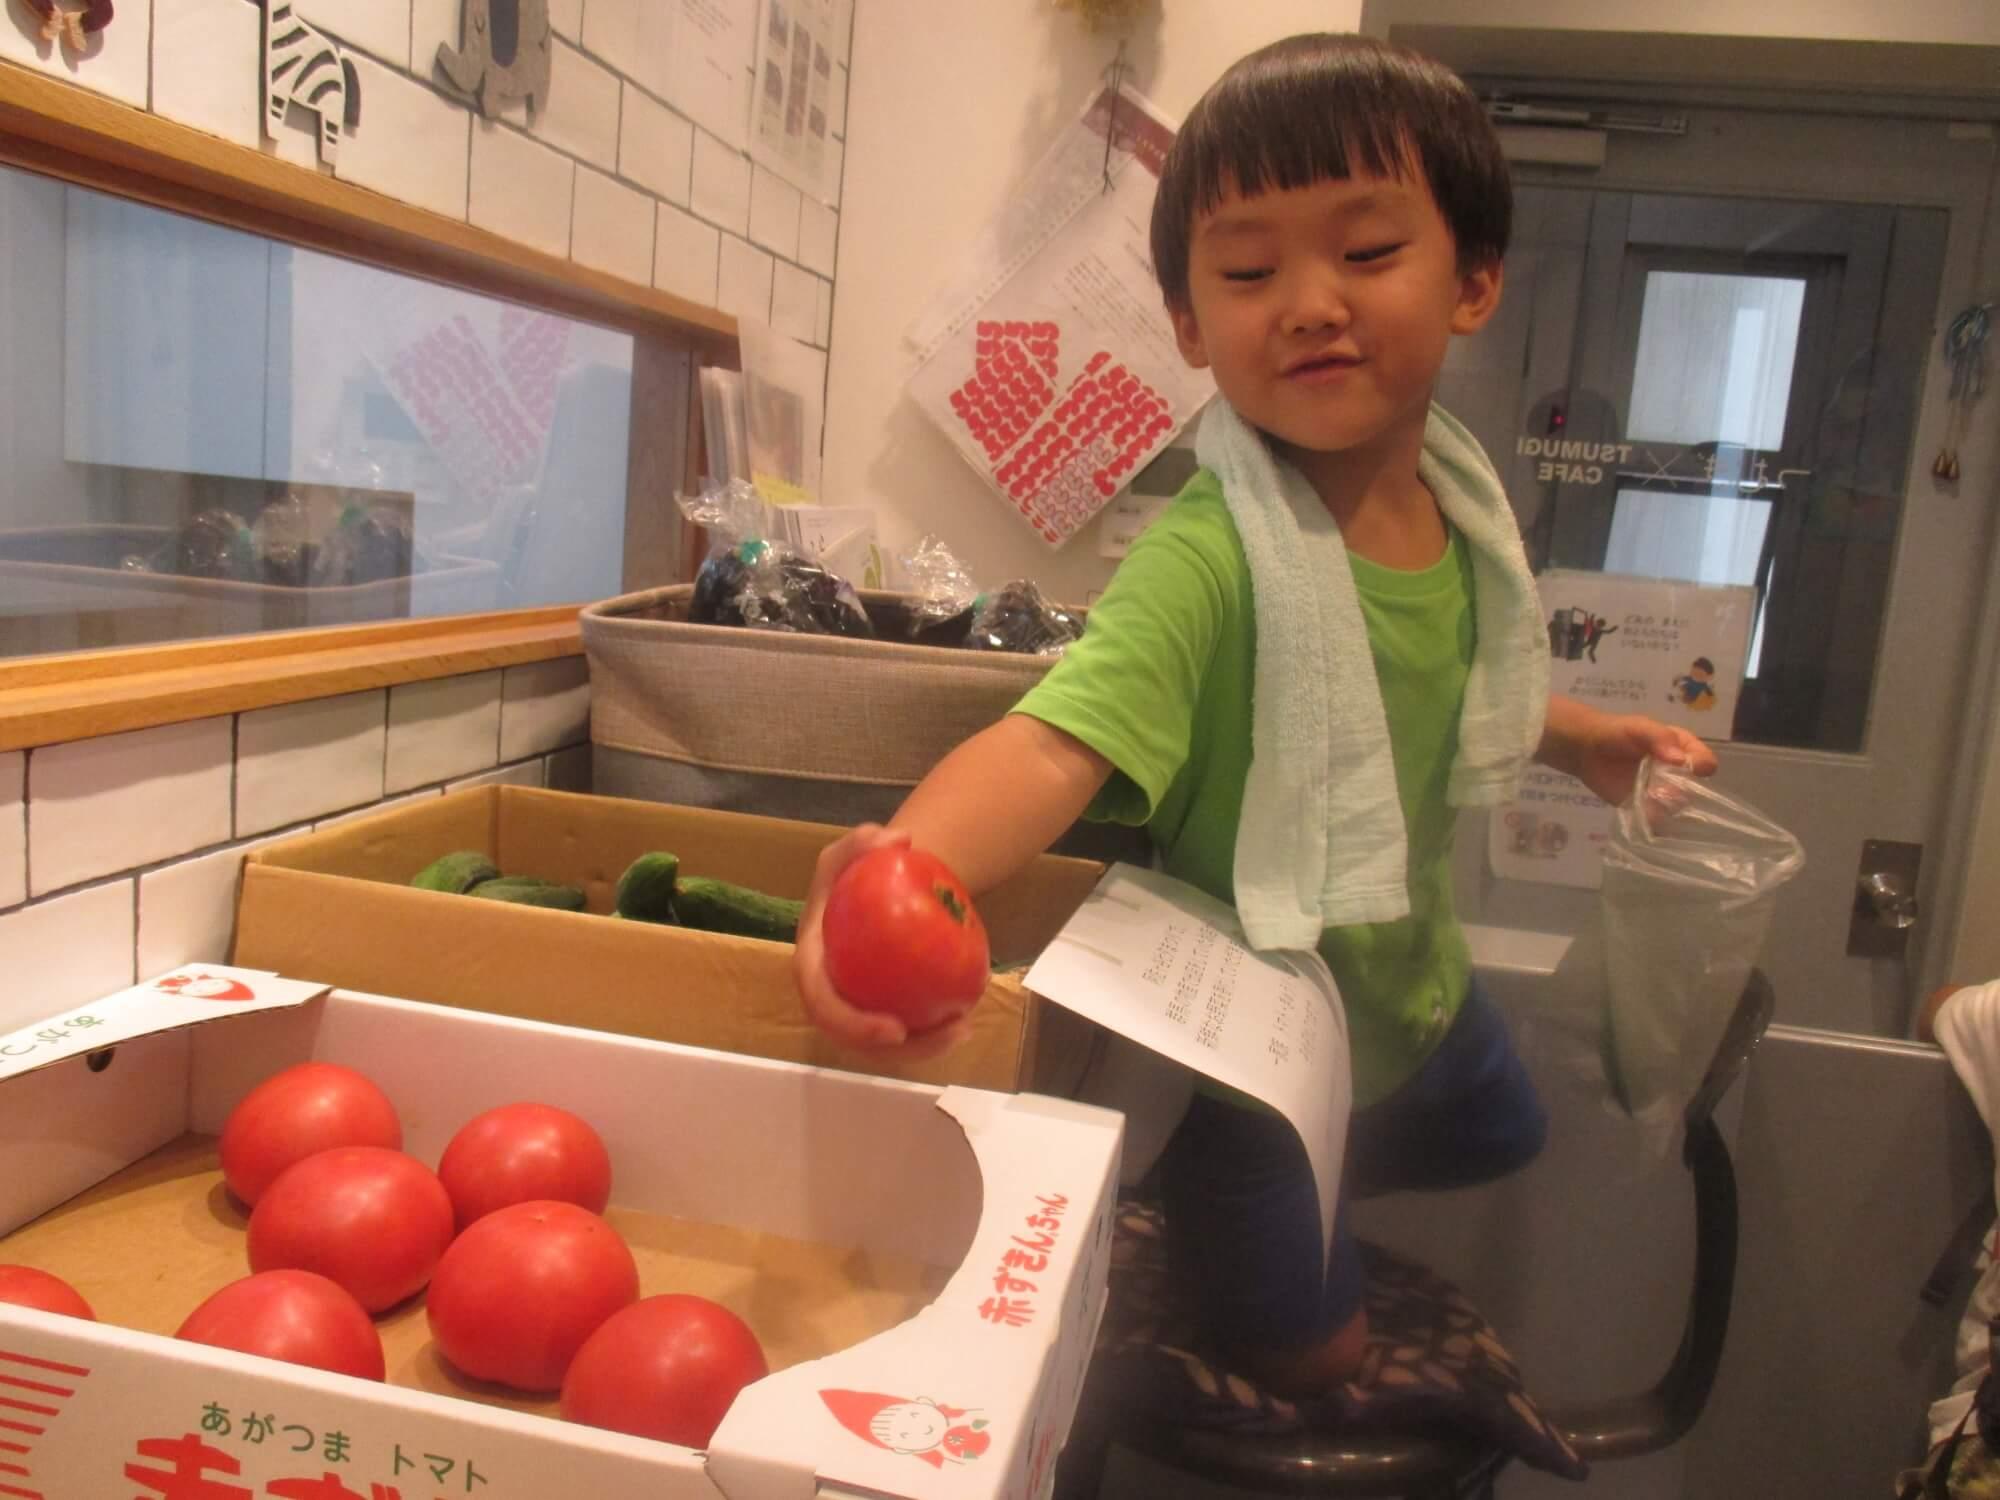 トマトを選ぶ子ども